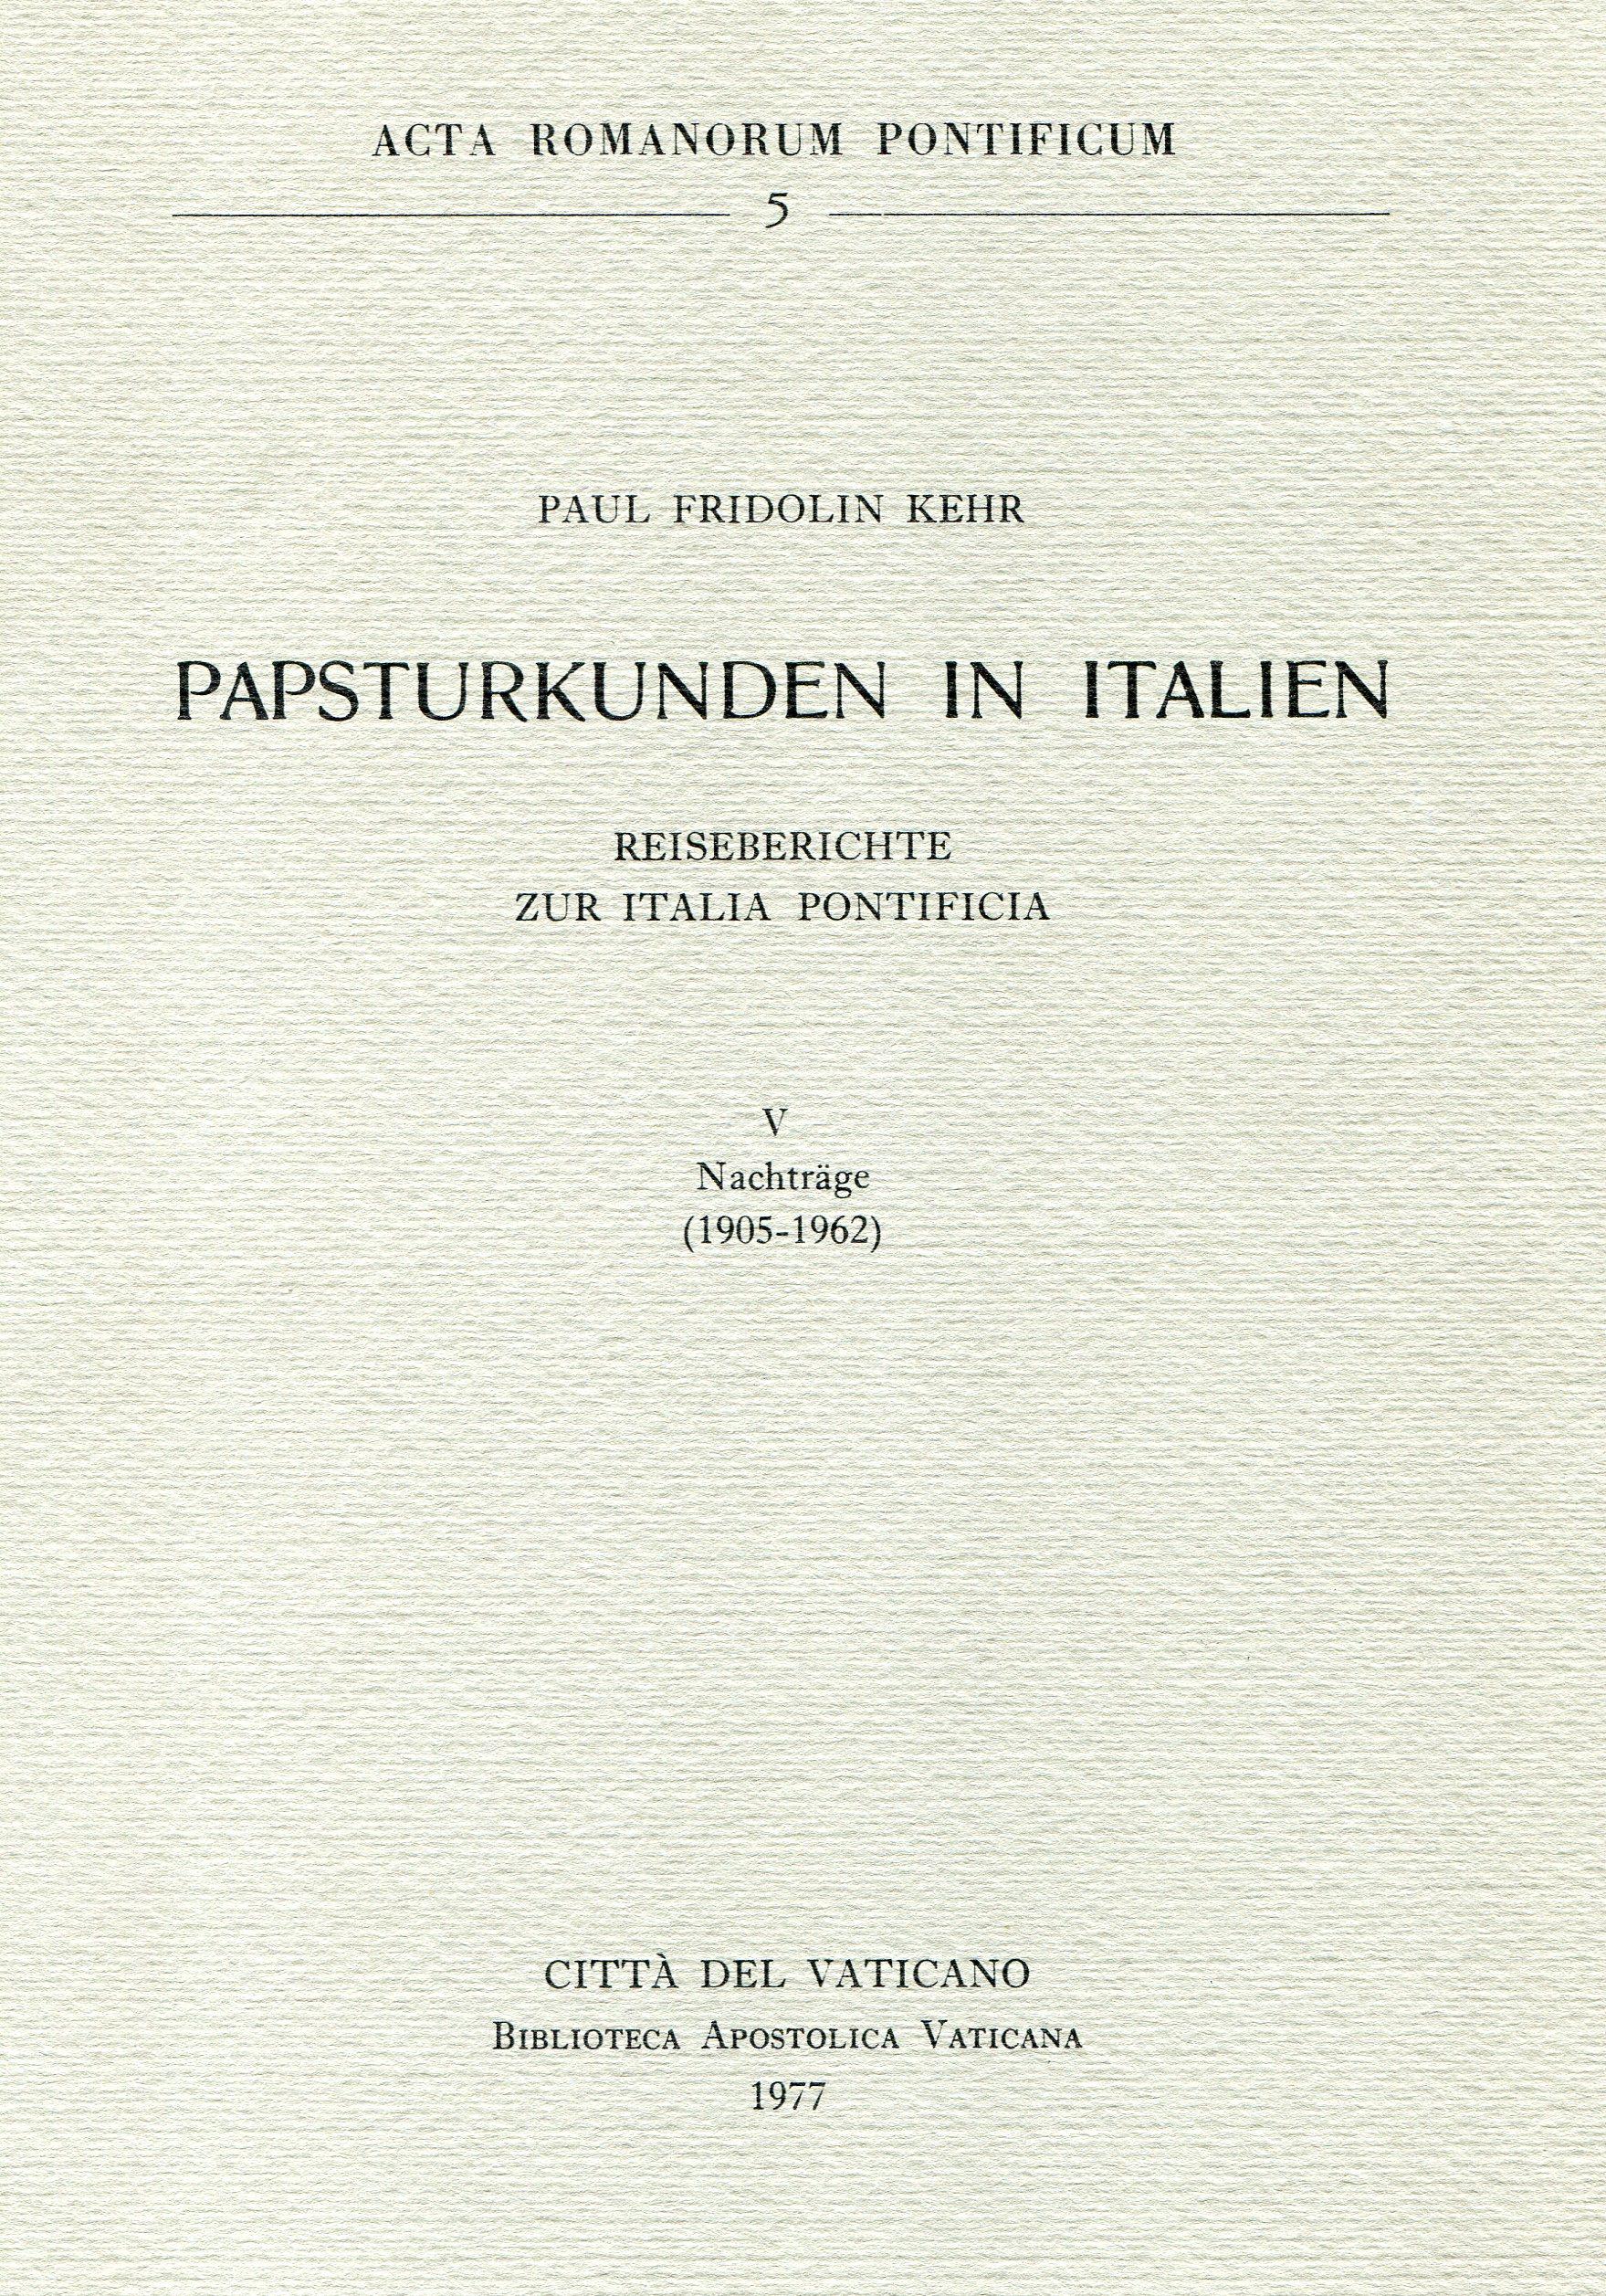 Papsturkunden in Italien. Reiseberichte zur Italia pontificia ‒ Vol. V. Nachträge, 1905-1962.